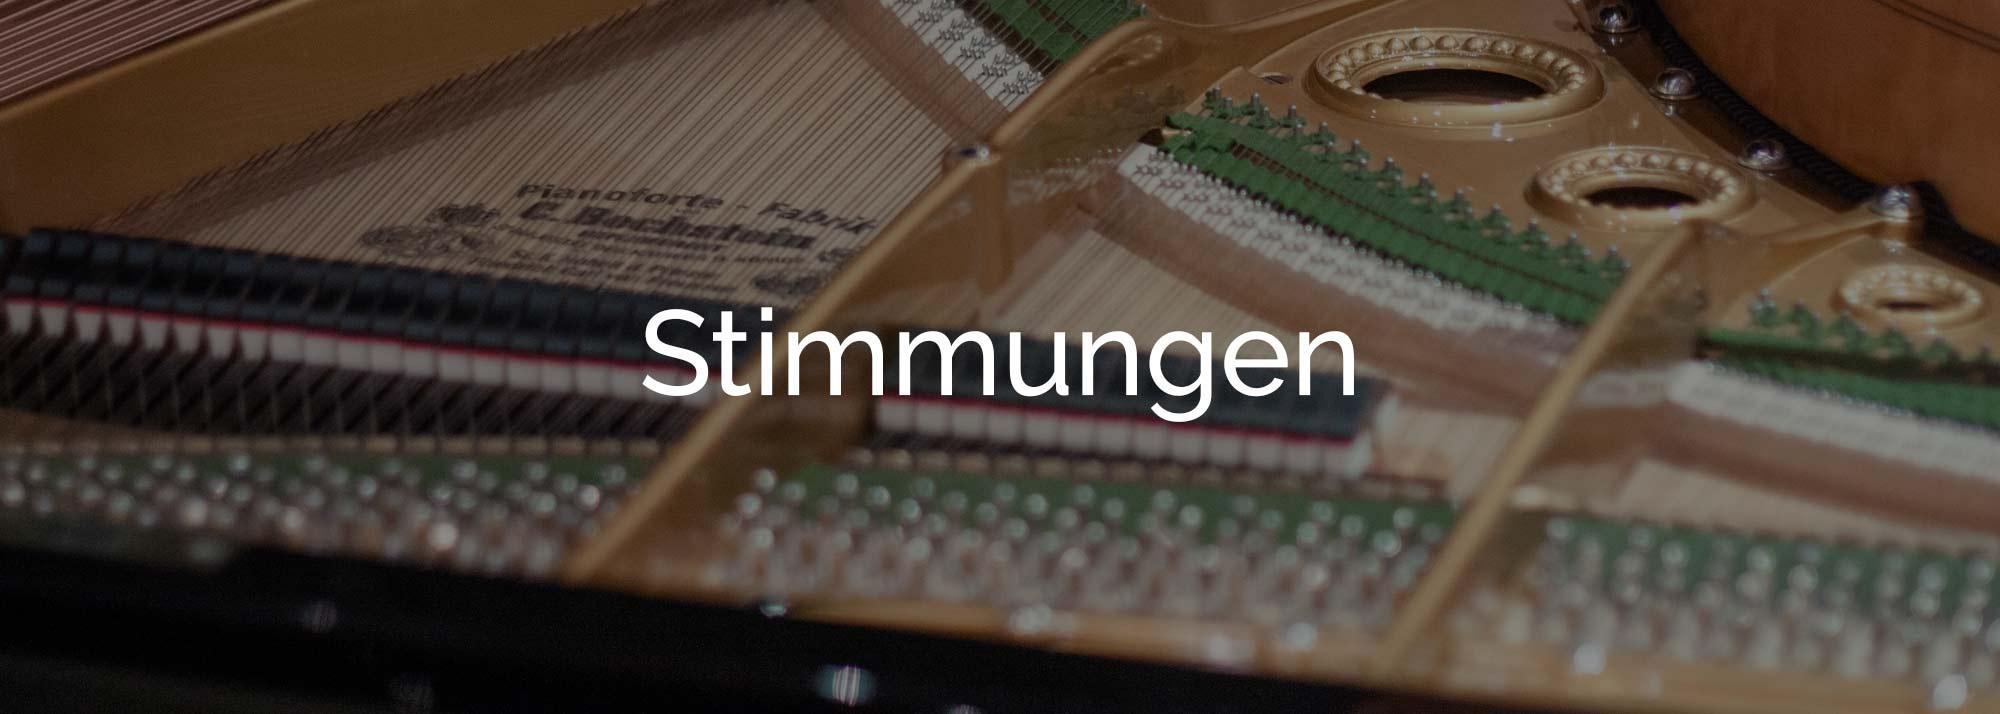 Klavier-Stimmung & Flügel-Stimmung | Piano Berretz